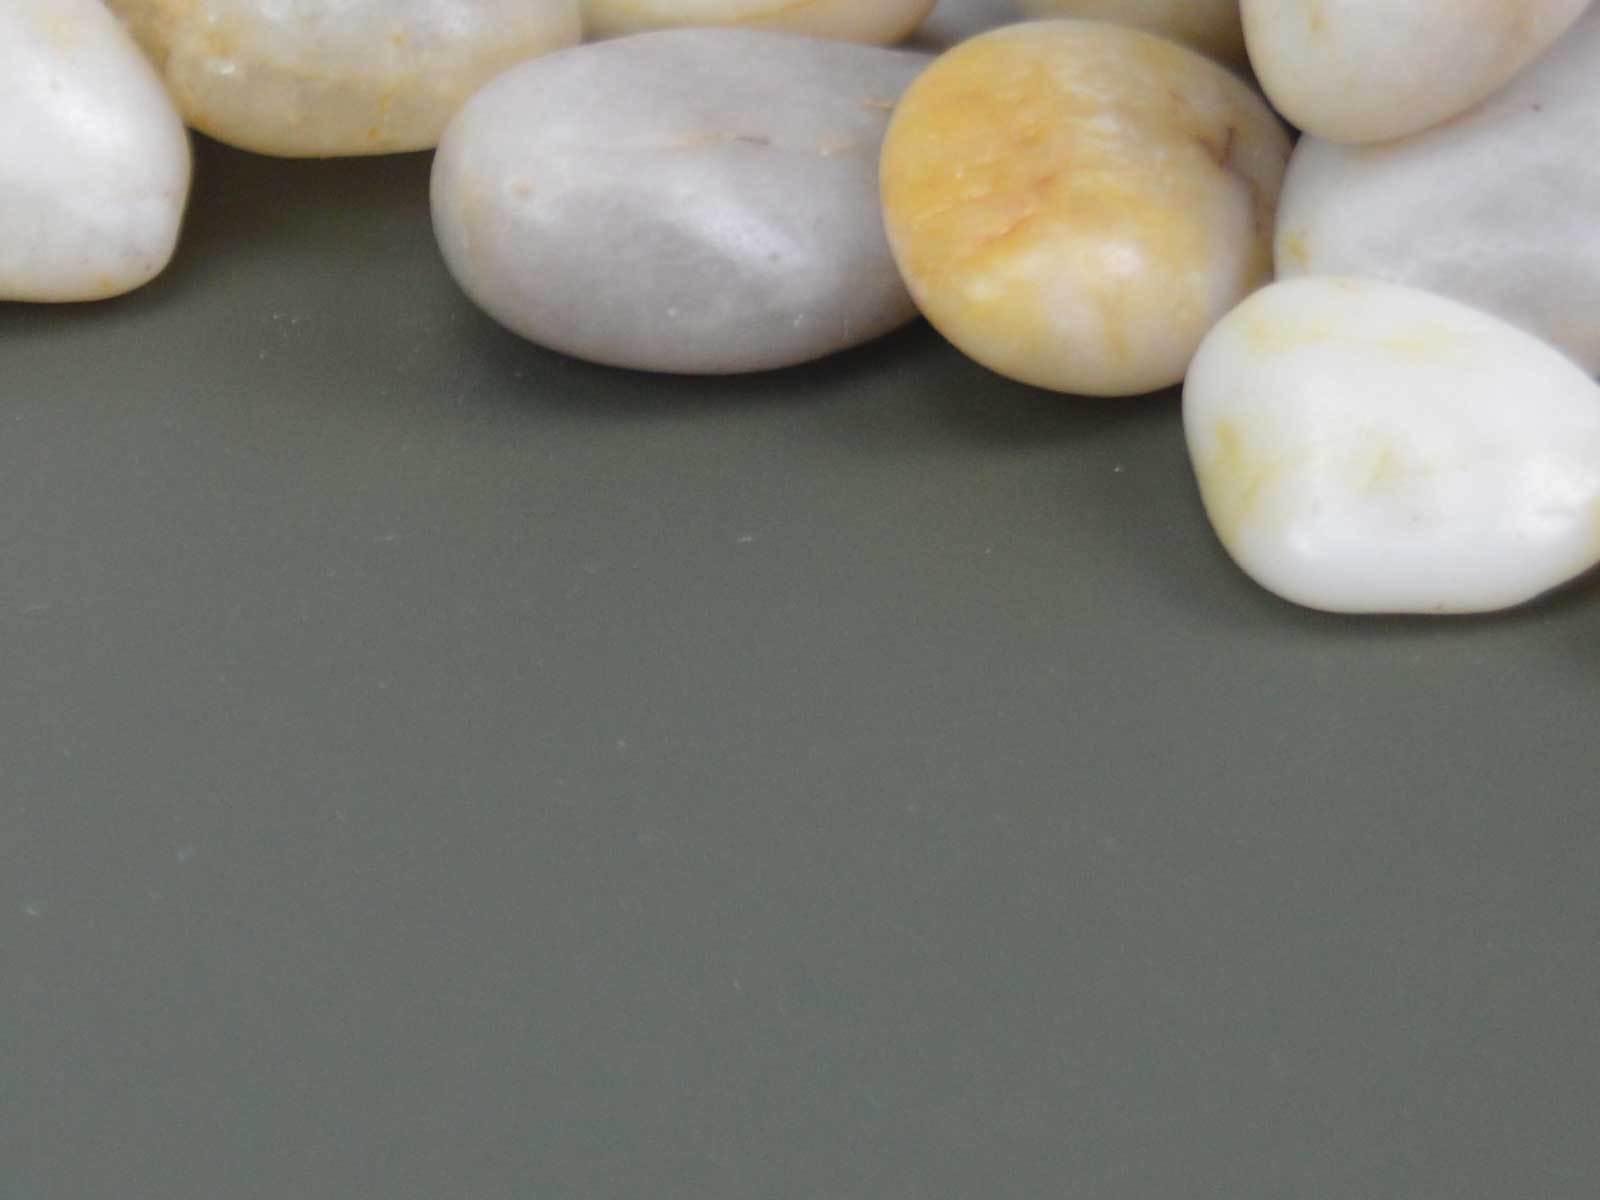 m² Teichfolie Profi PVC 1,0mm Oliv 6 x 7 m Koi Teich Folie Olivgrün 1mm